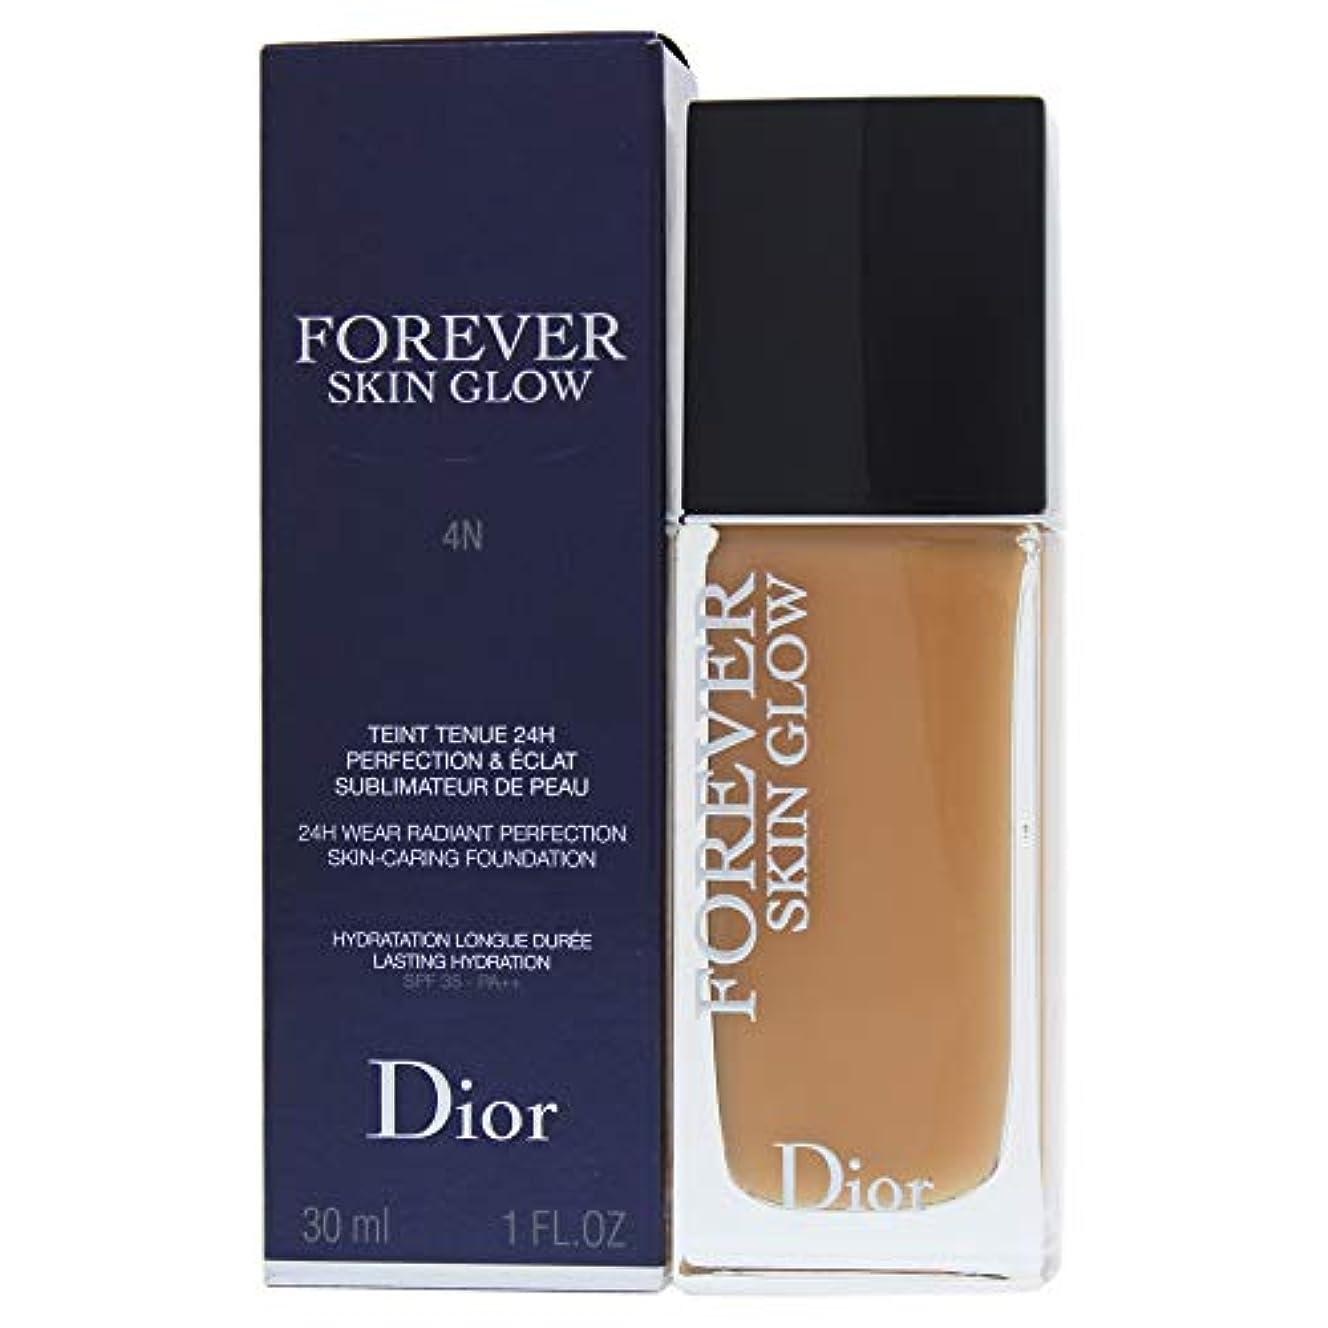 注入きらきら幻滅クリスチャンディオール Dior Forever Skin Glow 24H Wear High Perfection Foundation SPF 35 - # 4N (Neutral) 30ml/1oz並行輸入品